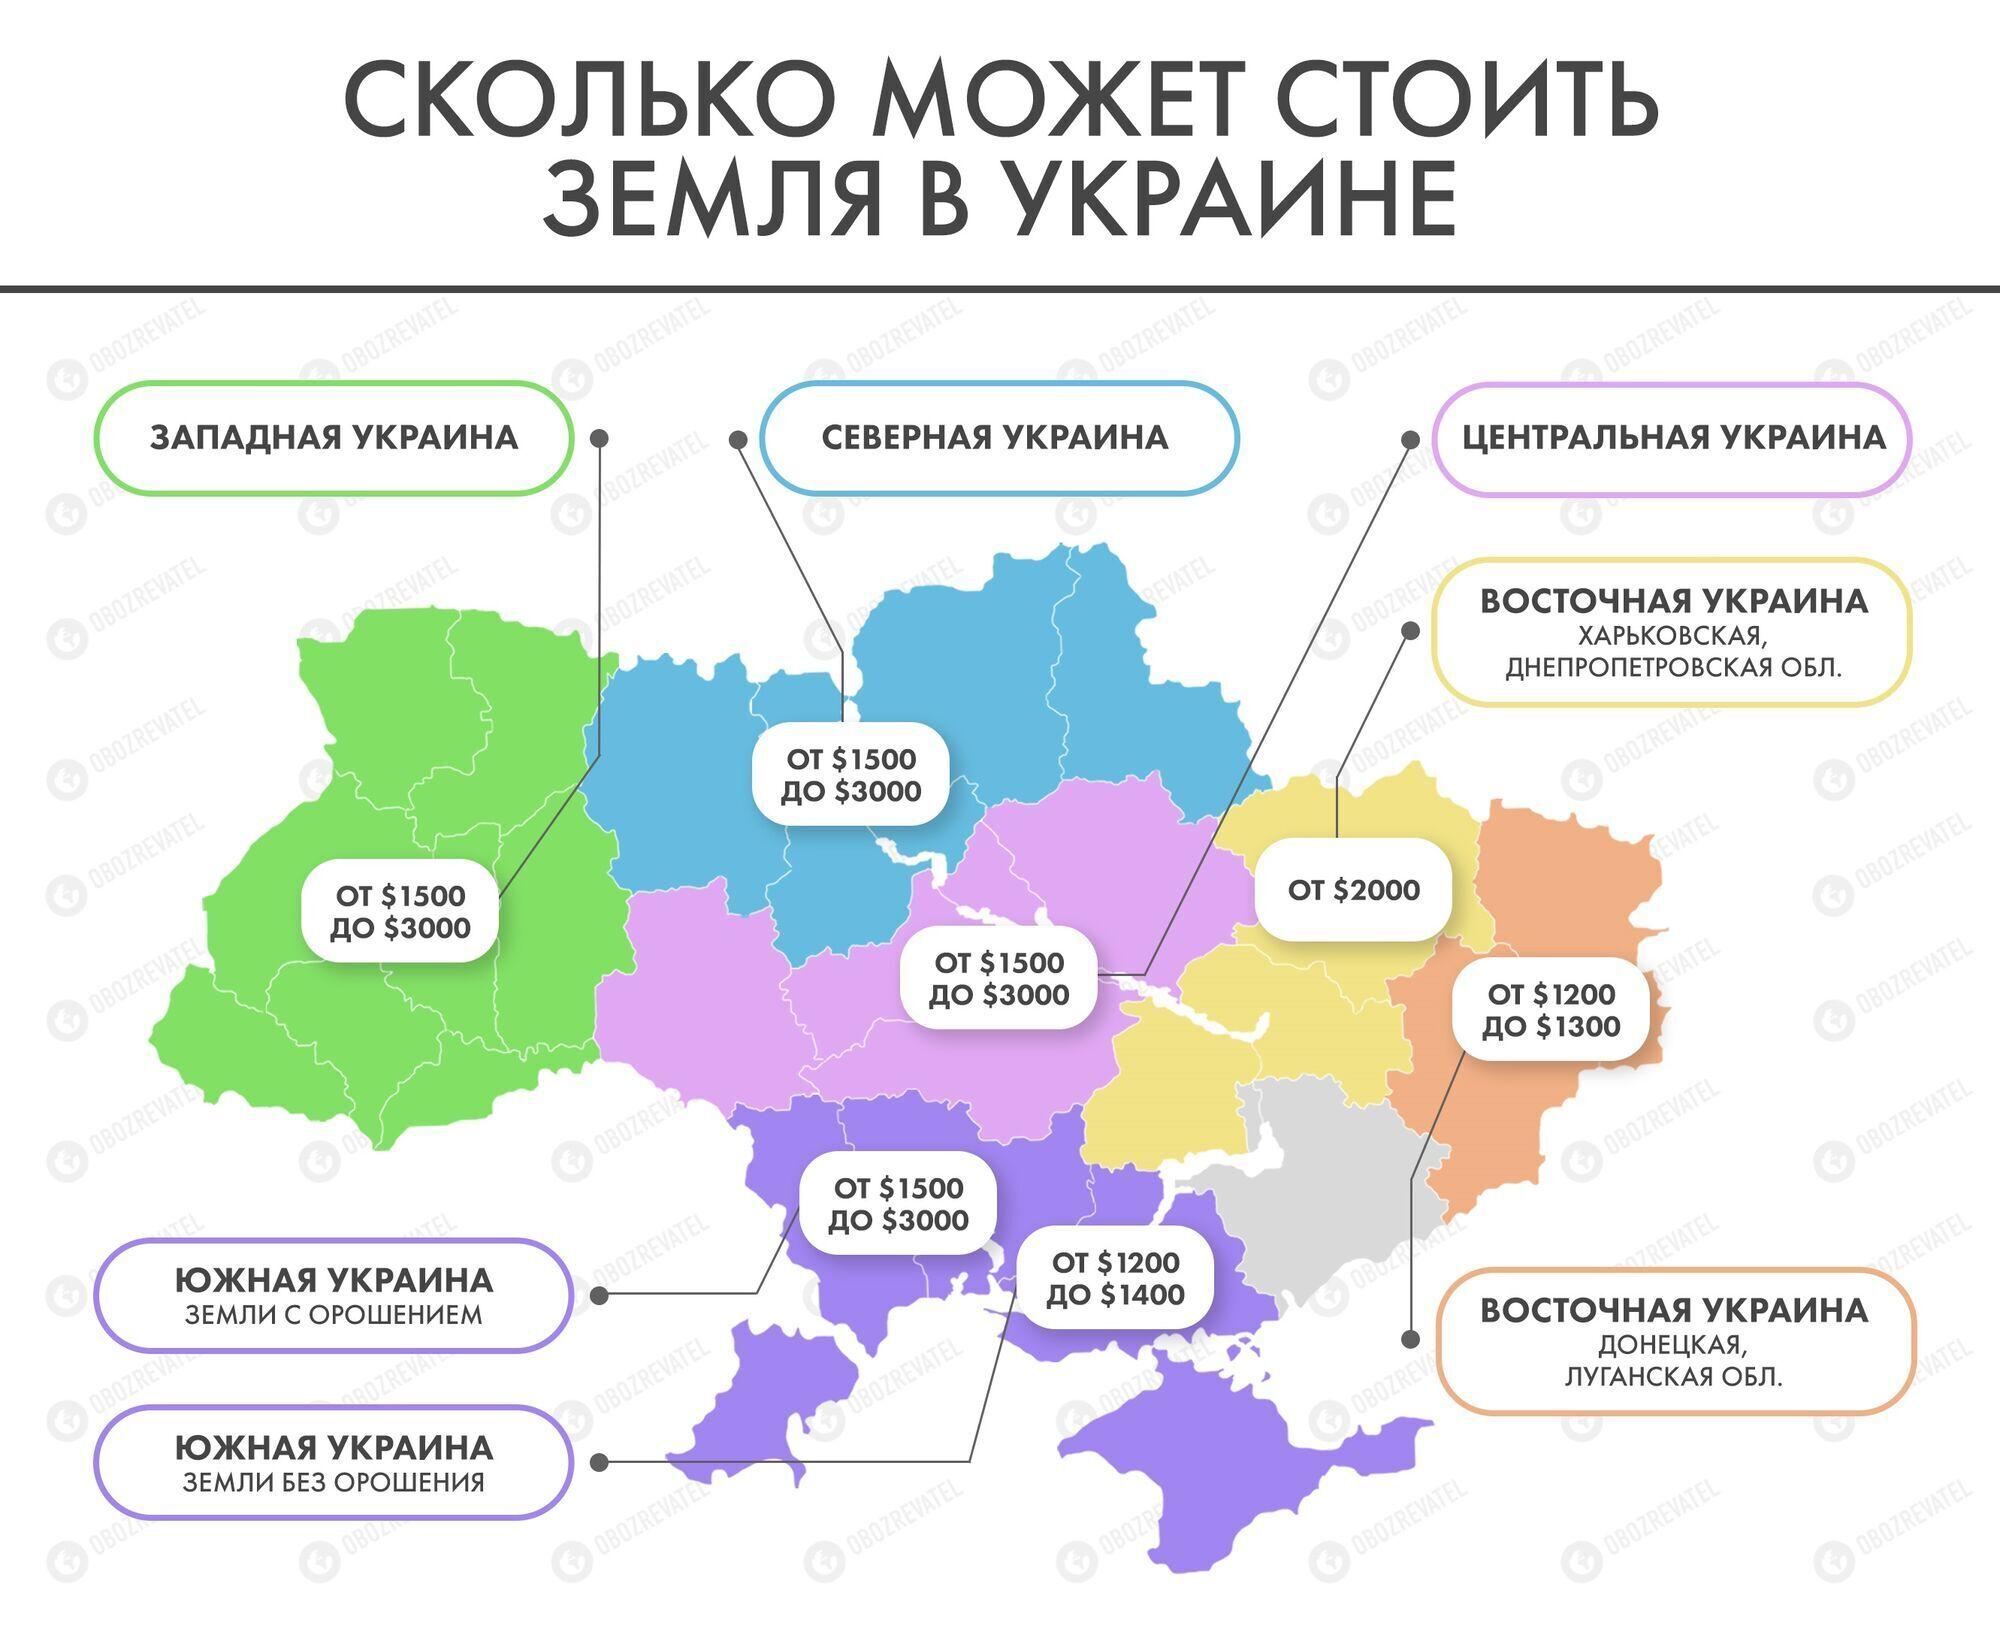 Ціни на землю в Україні